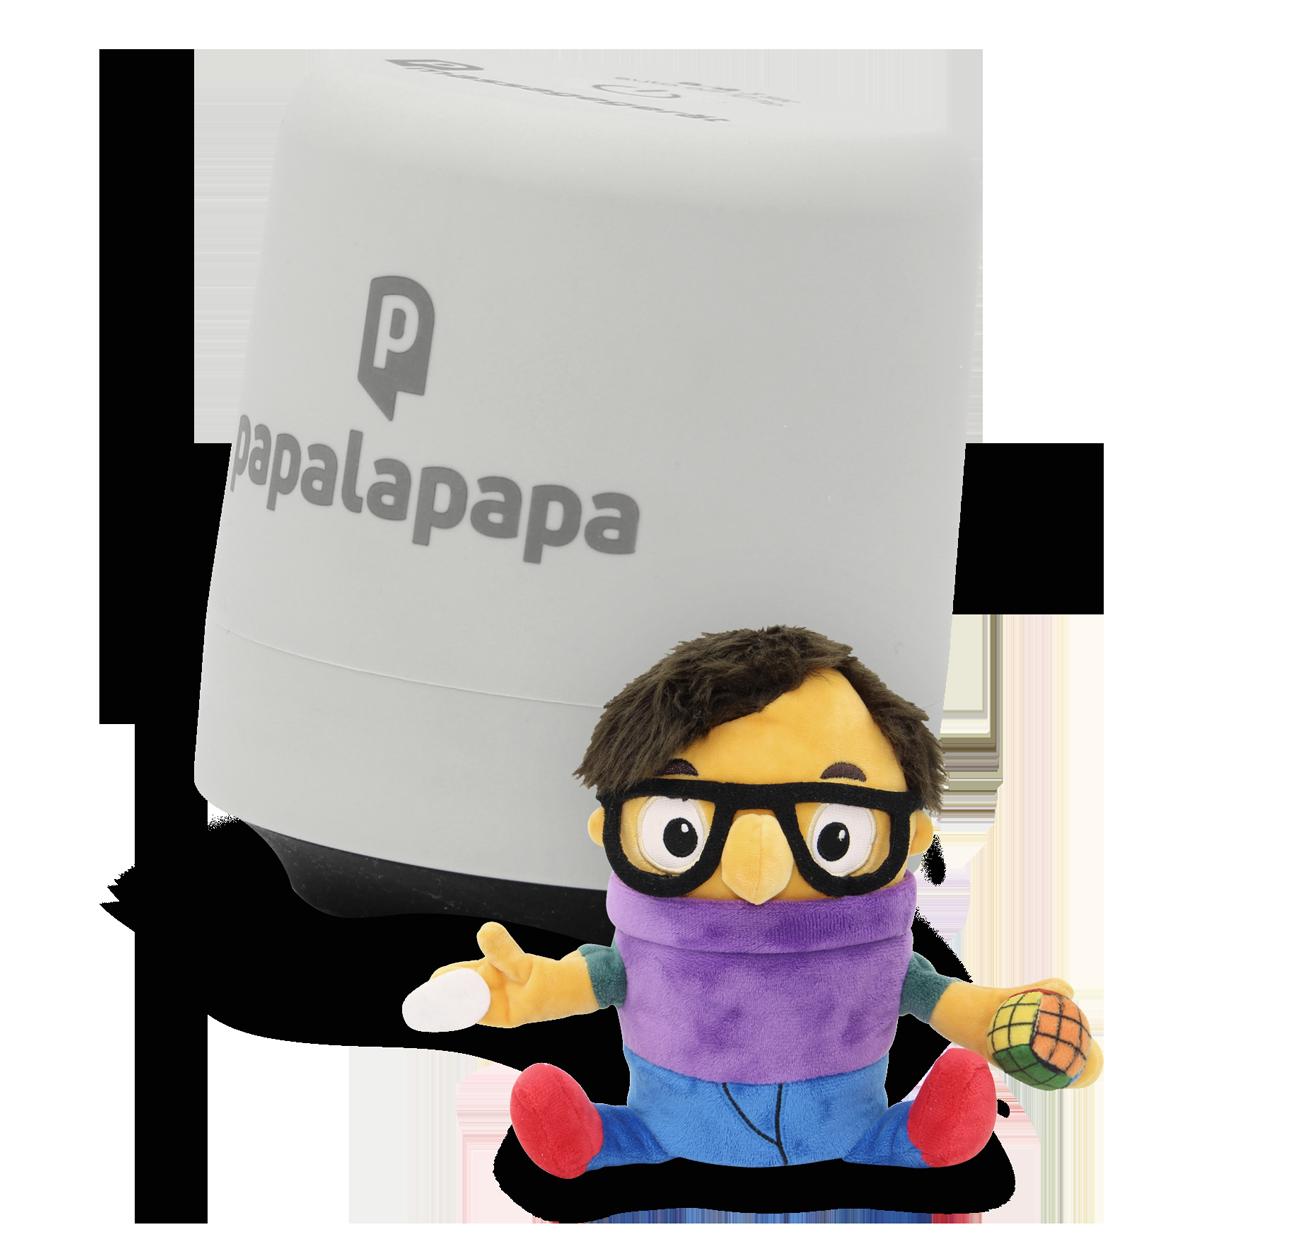 Das palapapapa Bauchmassagerät für Babys mit einer Plüschfigur